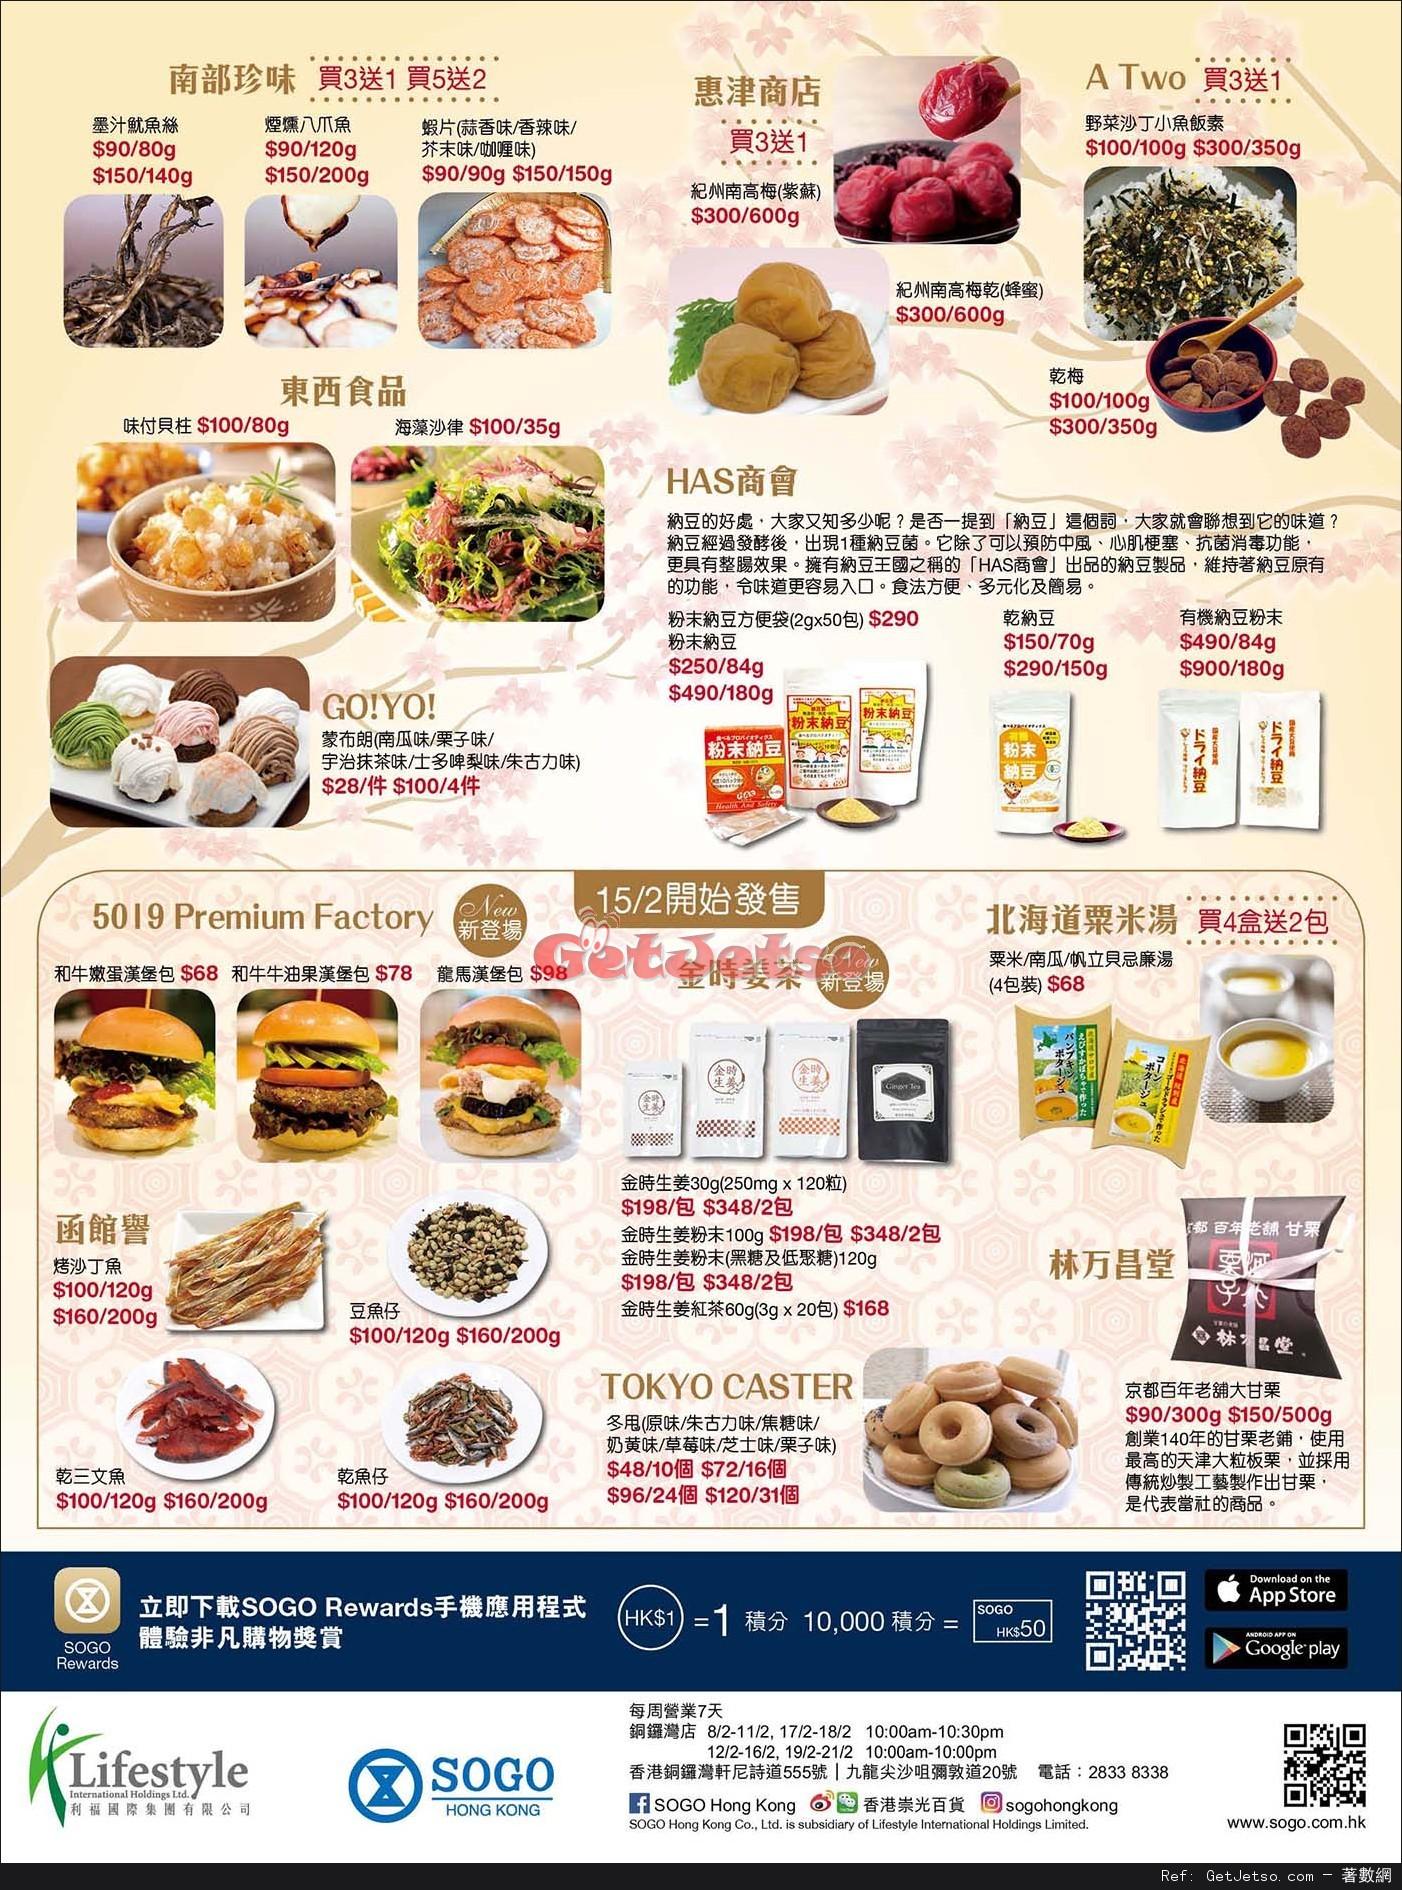 銅鑼灣崇光百貨服飾及鞋履購物日/日本名產美食展購物優惠(至17年2月14日)圖片8